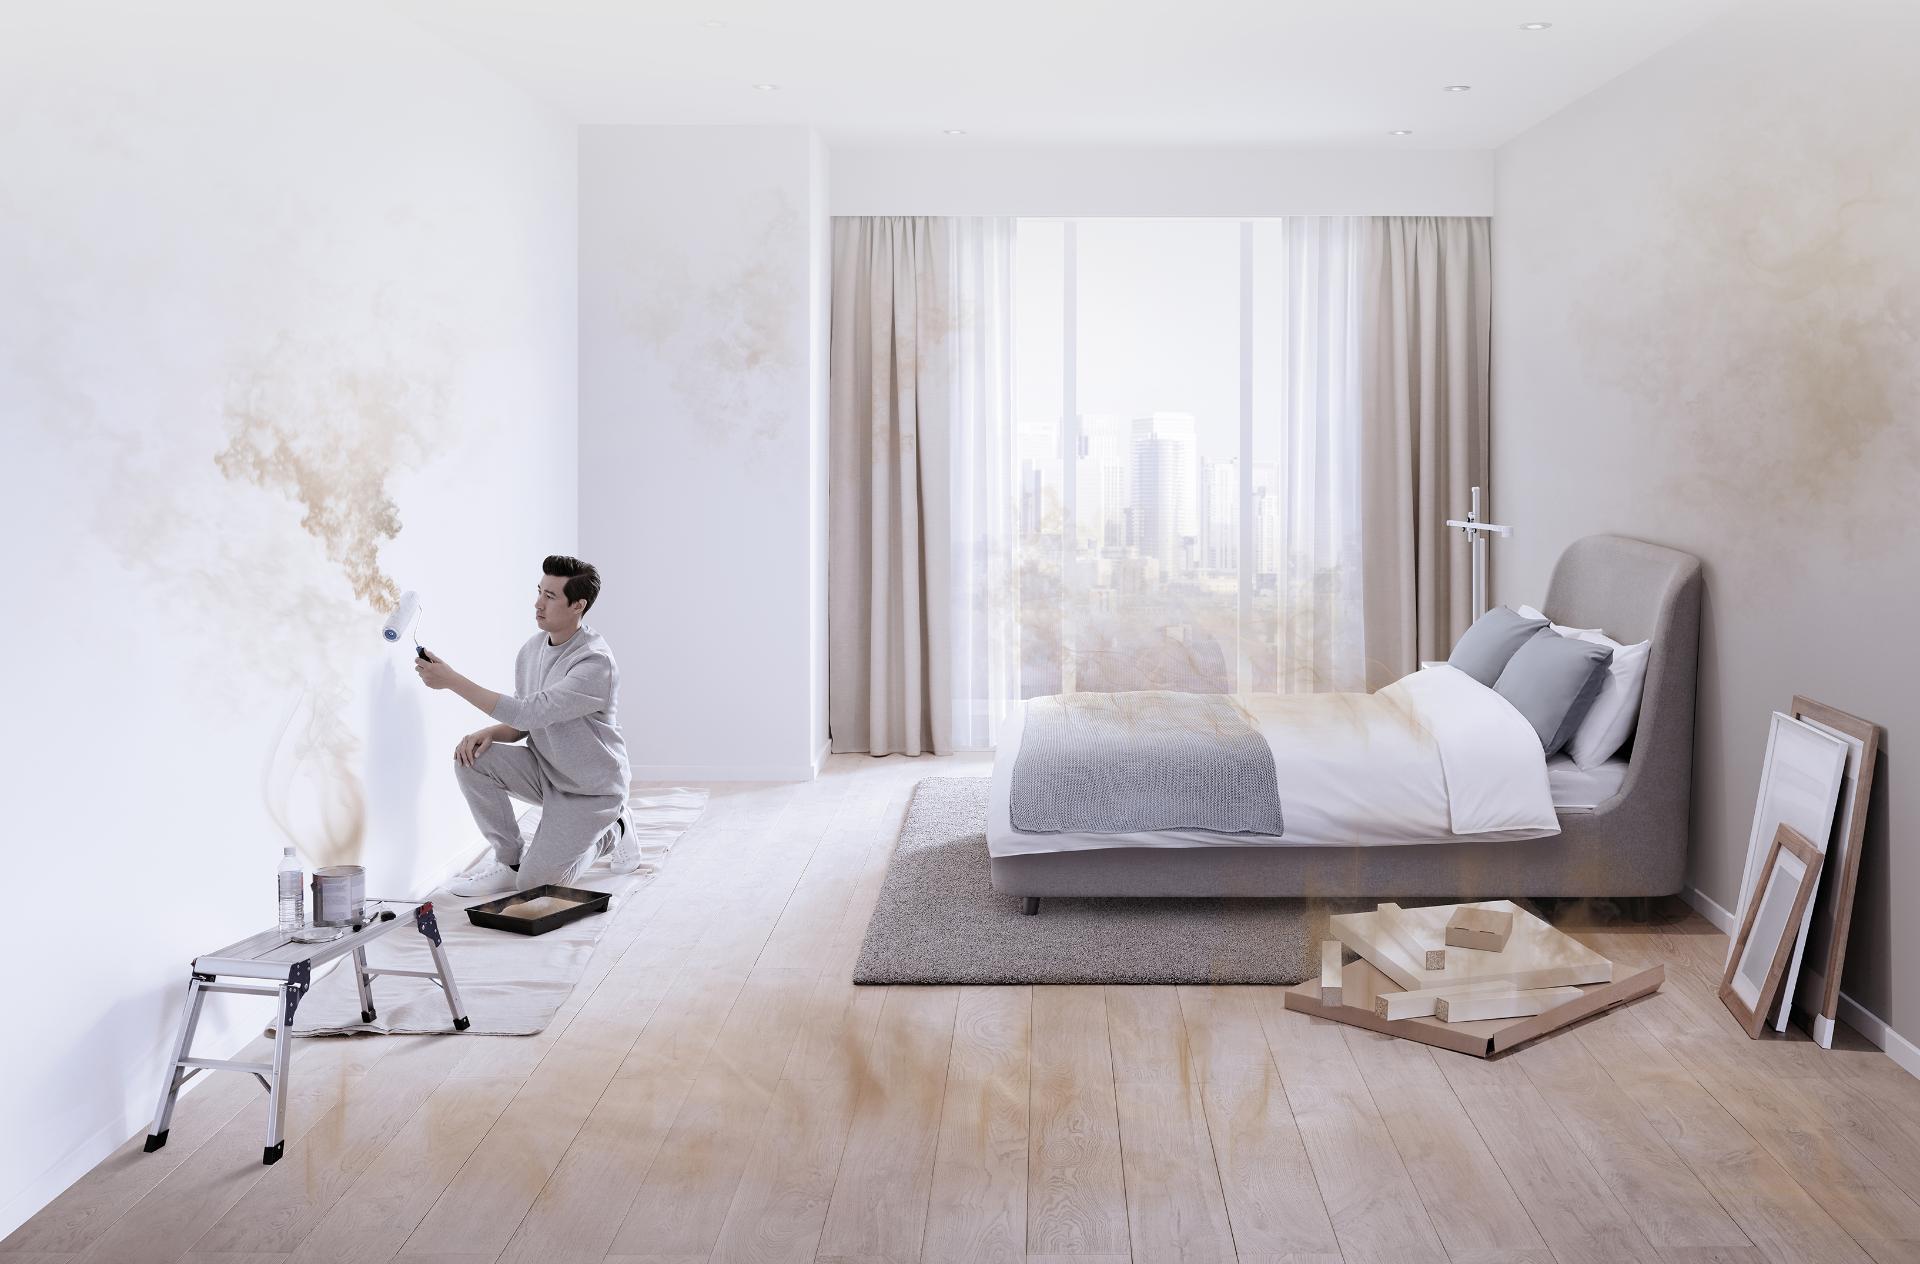 미세먼지와 가스가 실내를 오염시키고 있는 방안을 페인트 칠하는 남성